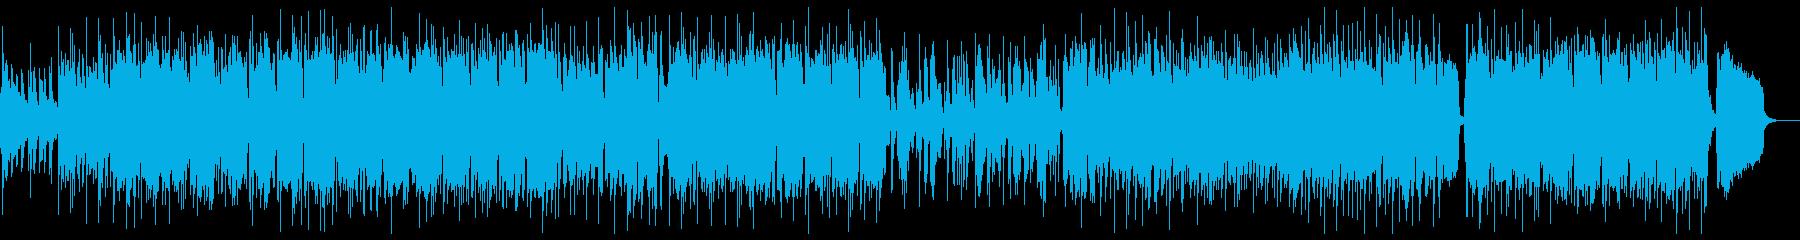 トランペットによるジャズバラードの再生済みの波形